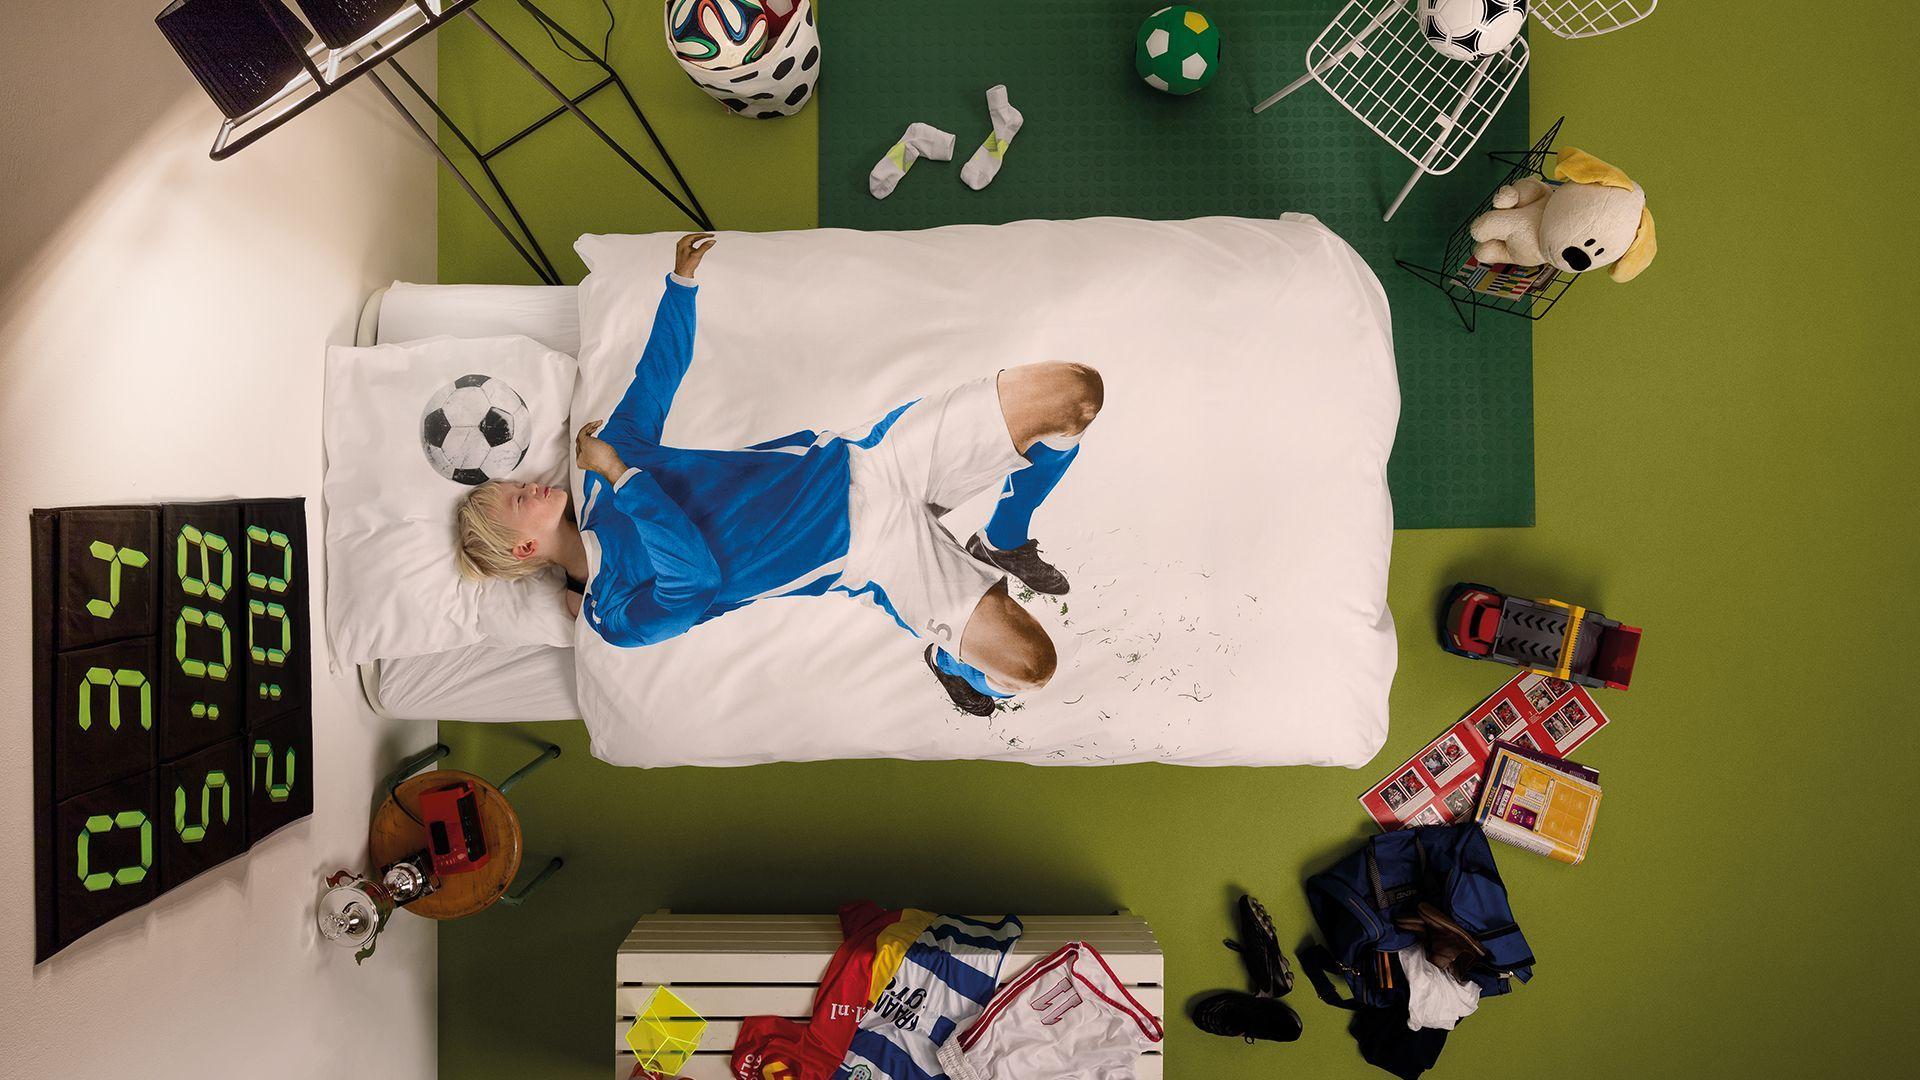 SNURK Soccer Champ dekbedovertrek